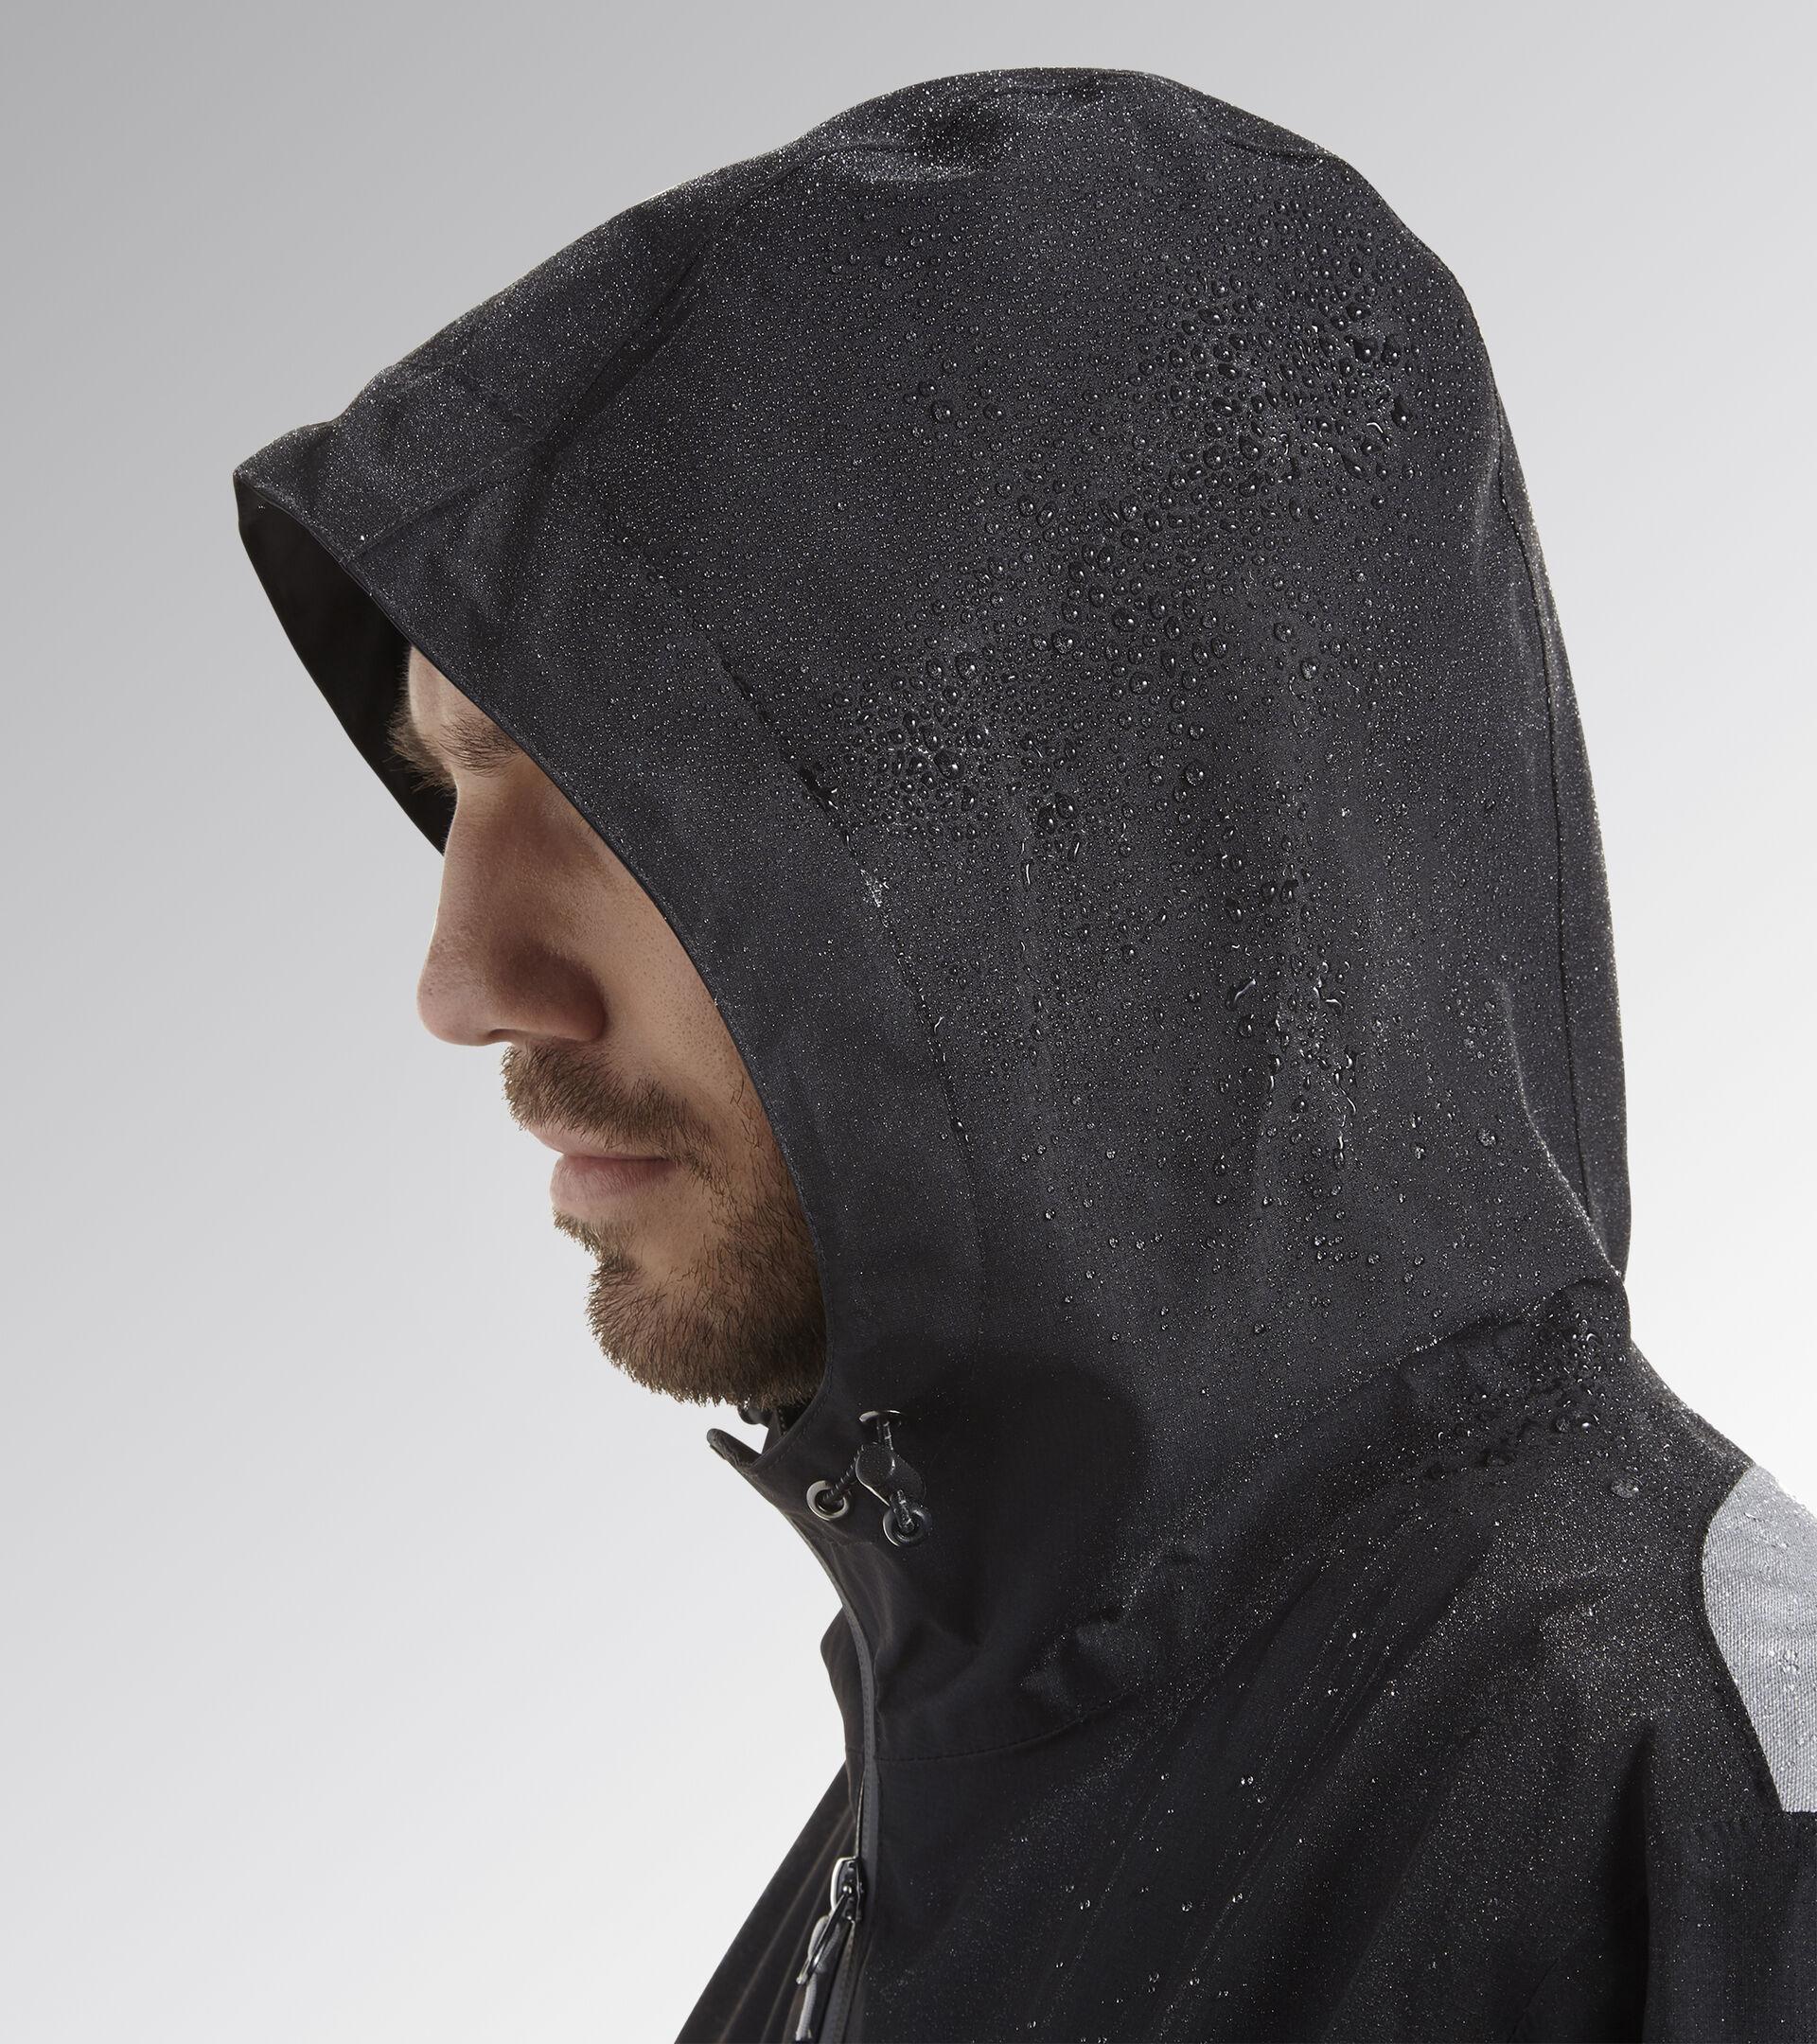 Apparel Utility UOMO RAIN JKT TECH EN 343 BLACK Utility